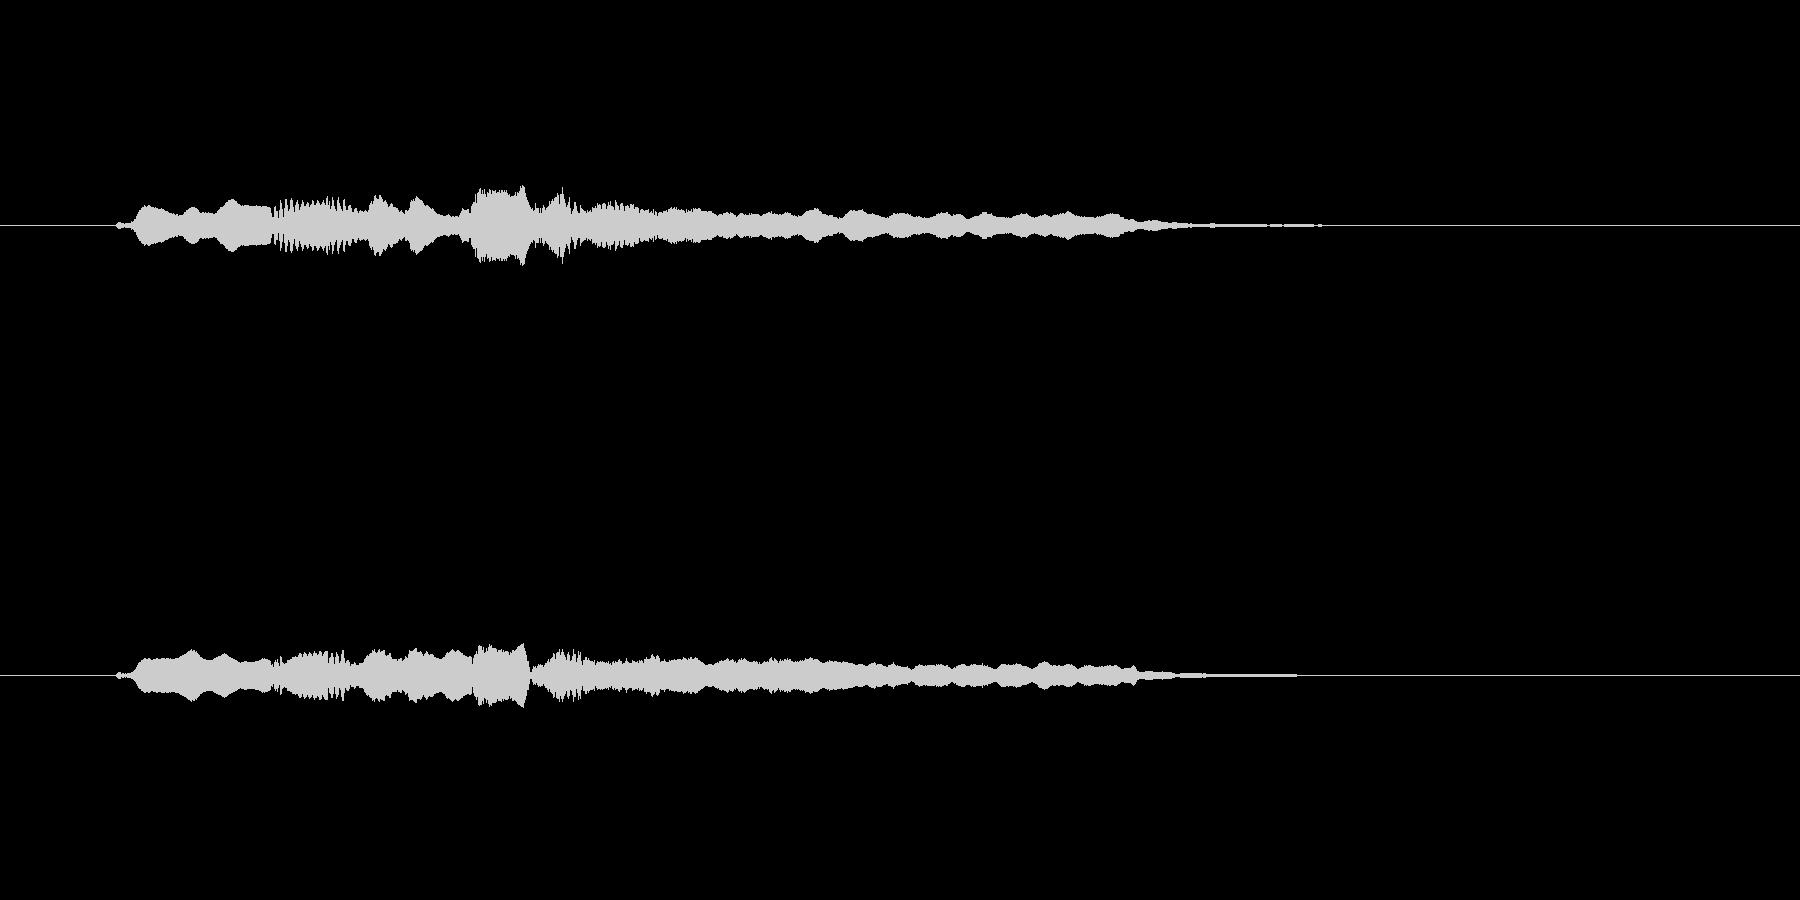 フルートの不穏なメロディーの未再生の波形